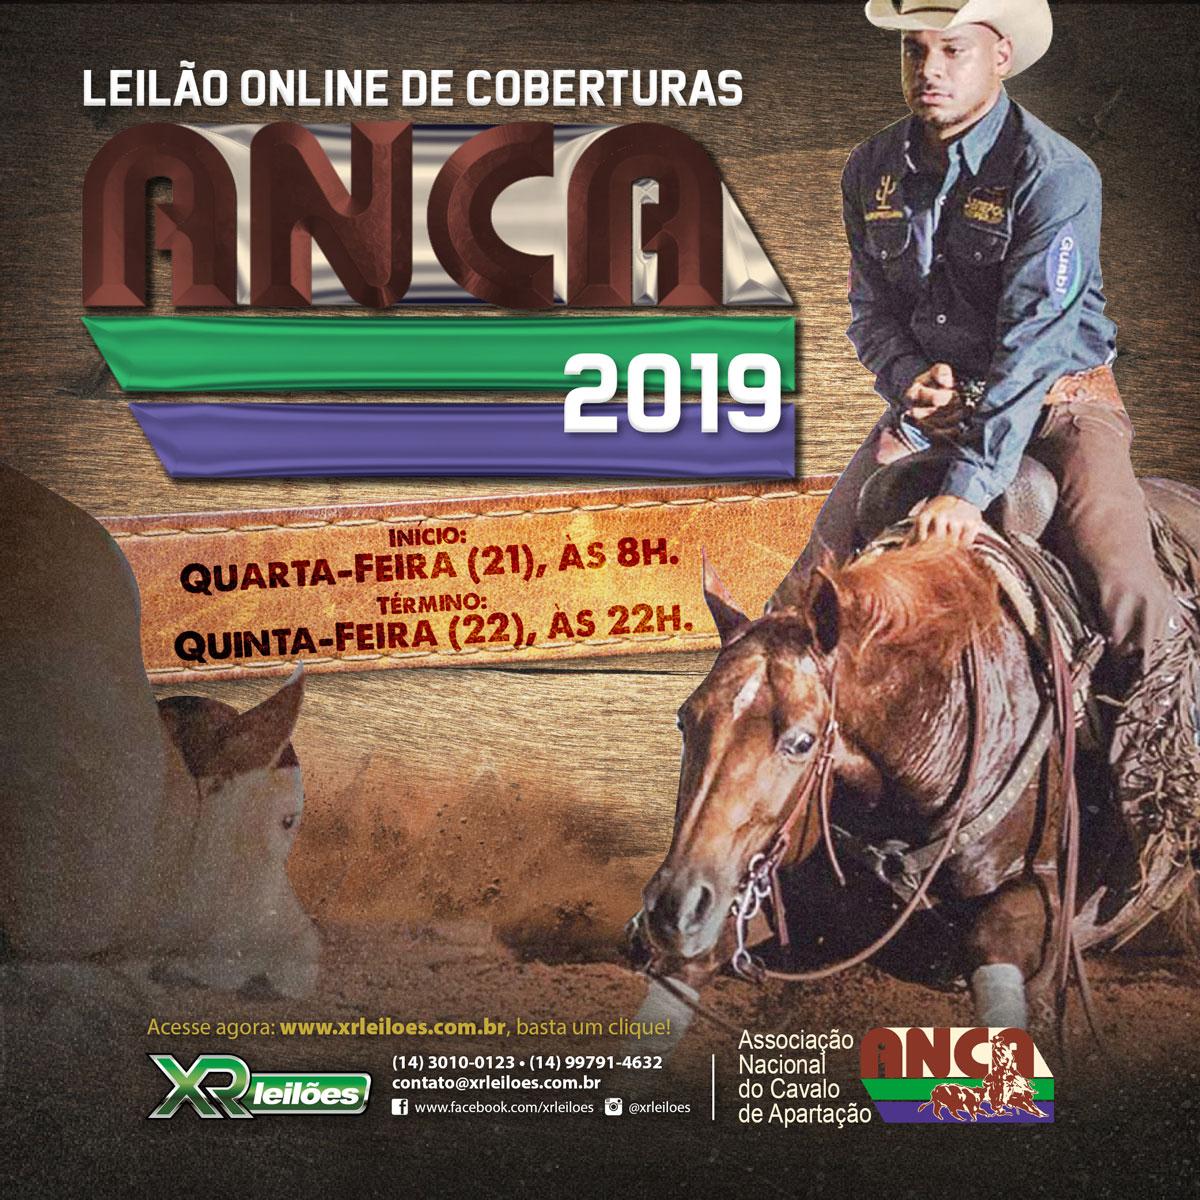 Leilão de Coberturas ANCA 2019